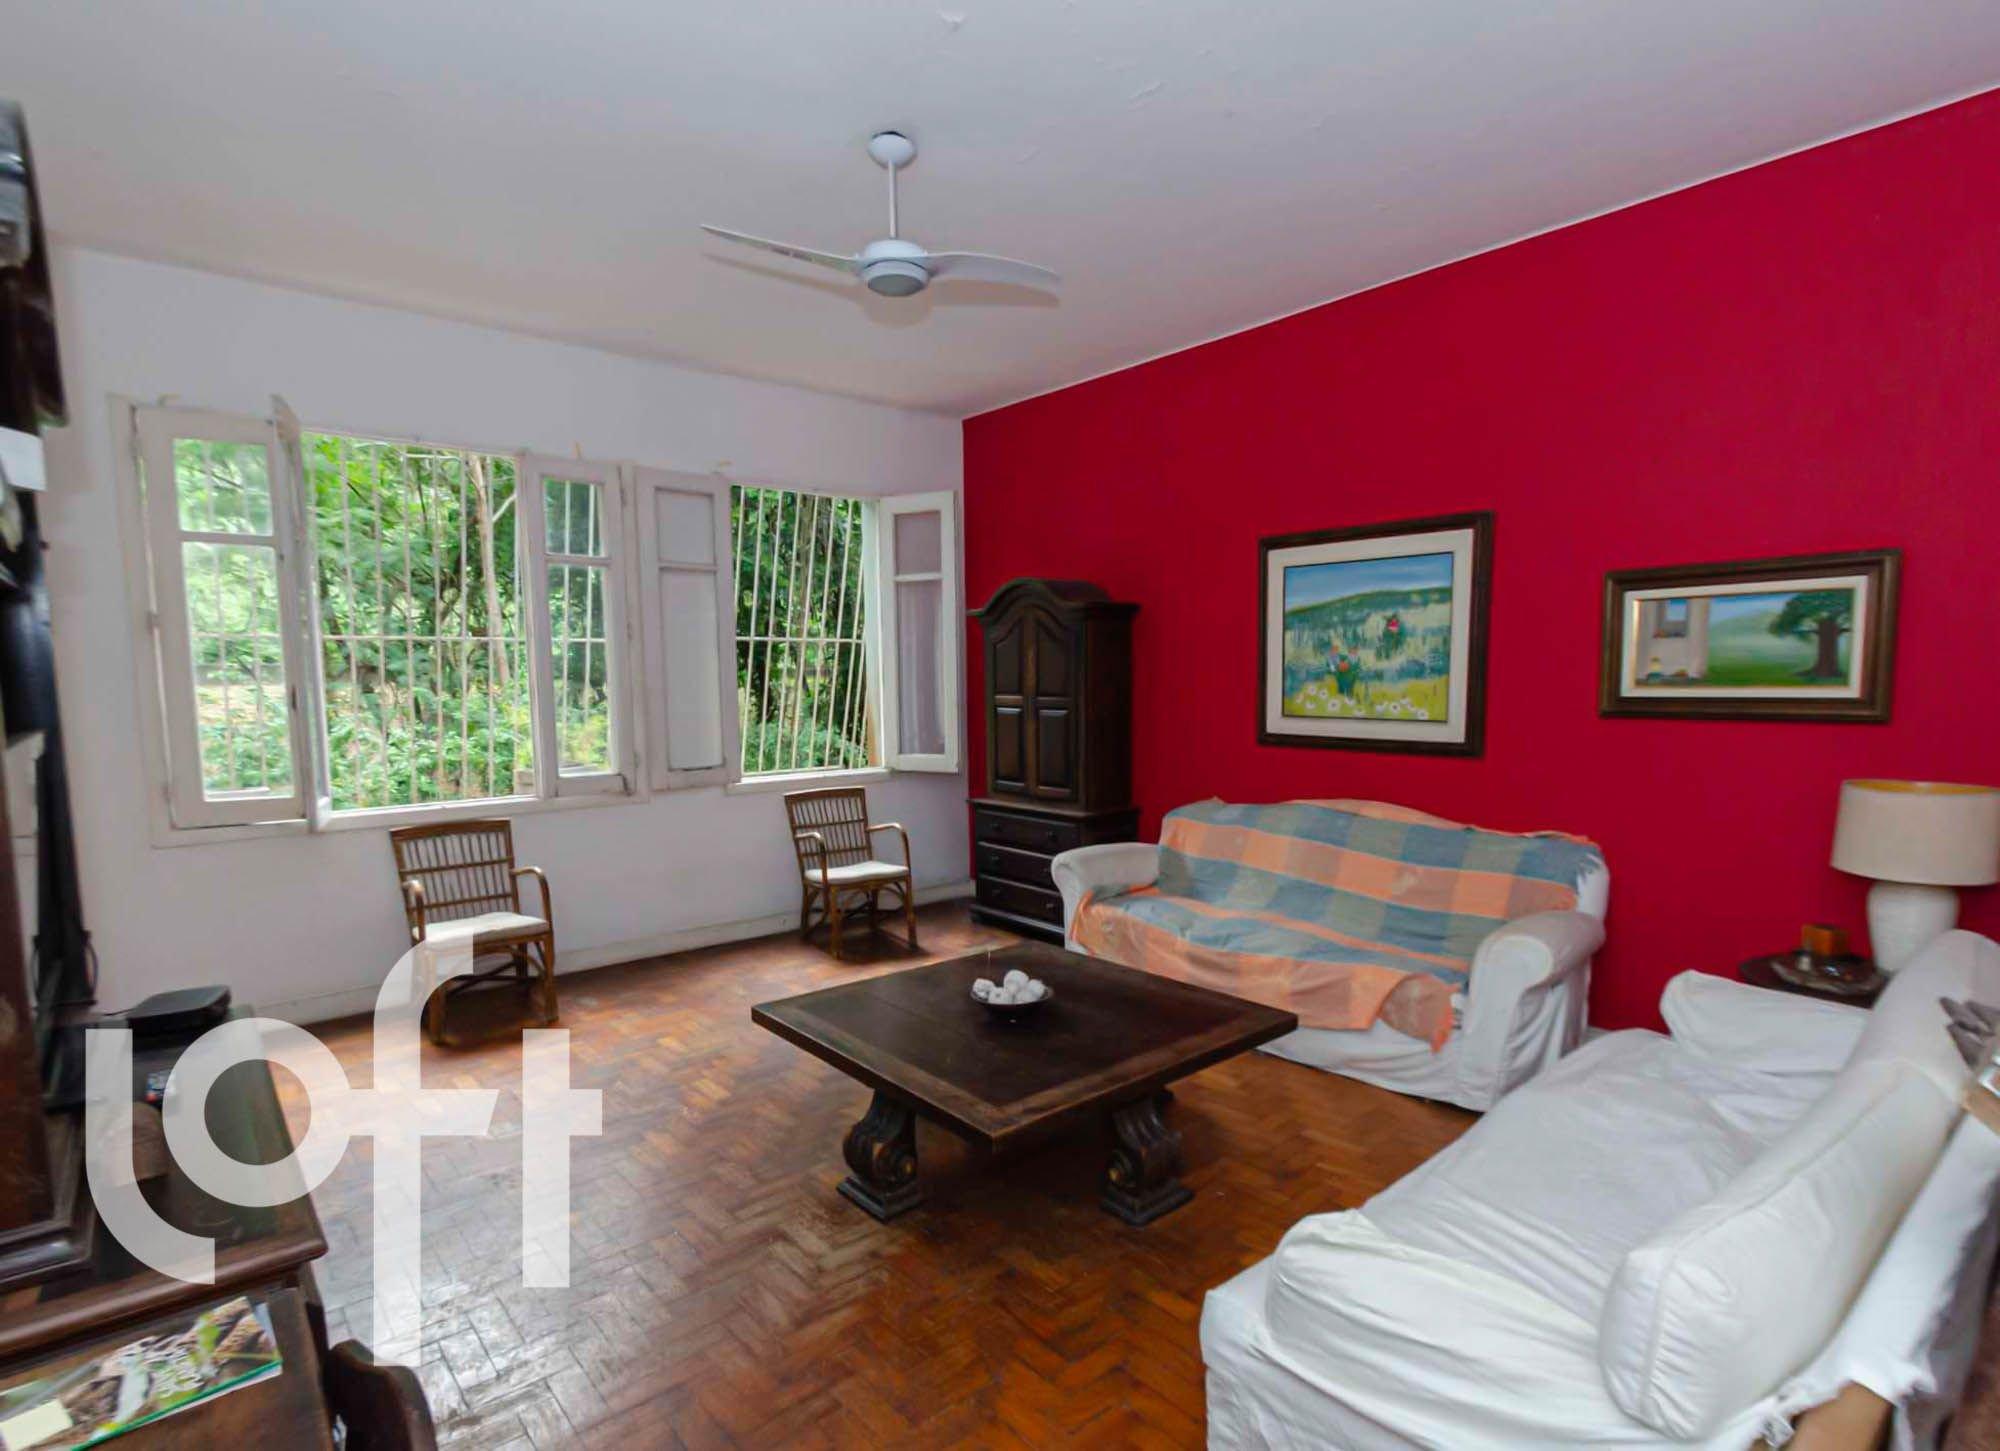 Foto de Sala com sofá, televisão, tigela, cadeira, mesa de jantar